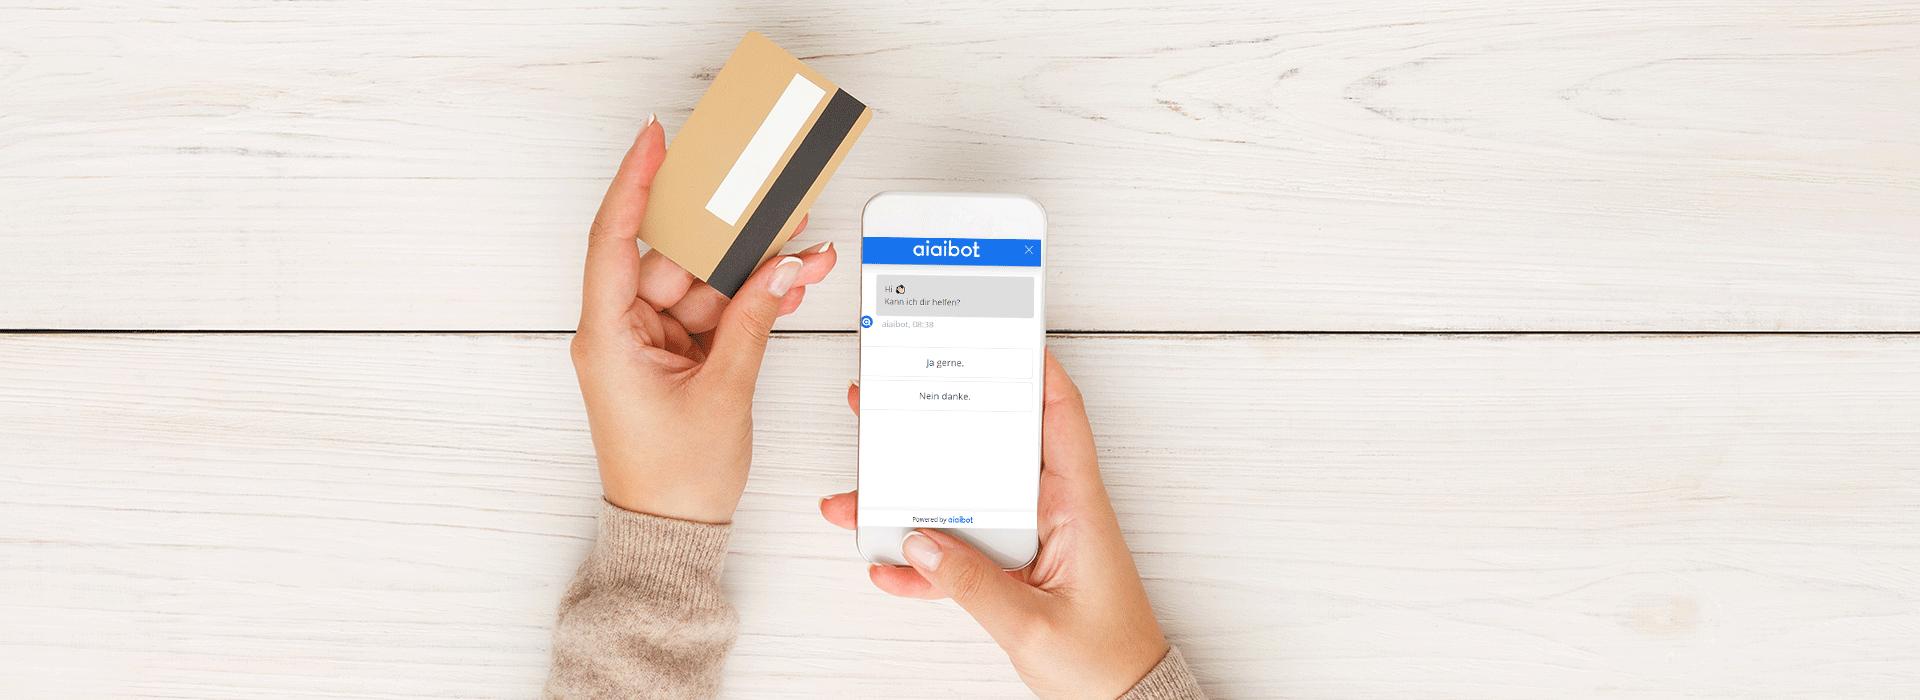 Beraten, begleiten und begeistern – 5 Erfolgsfaktoren für Chatbots als digitale Helfer im E-Commerce